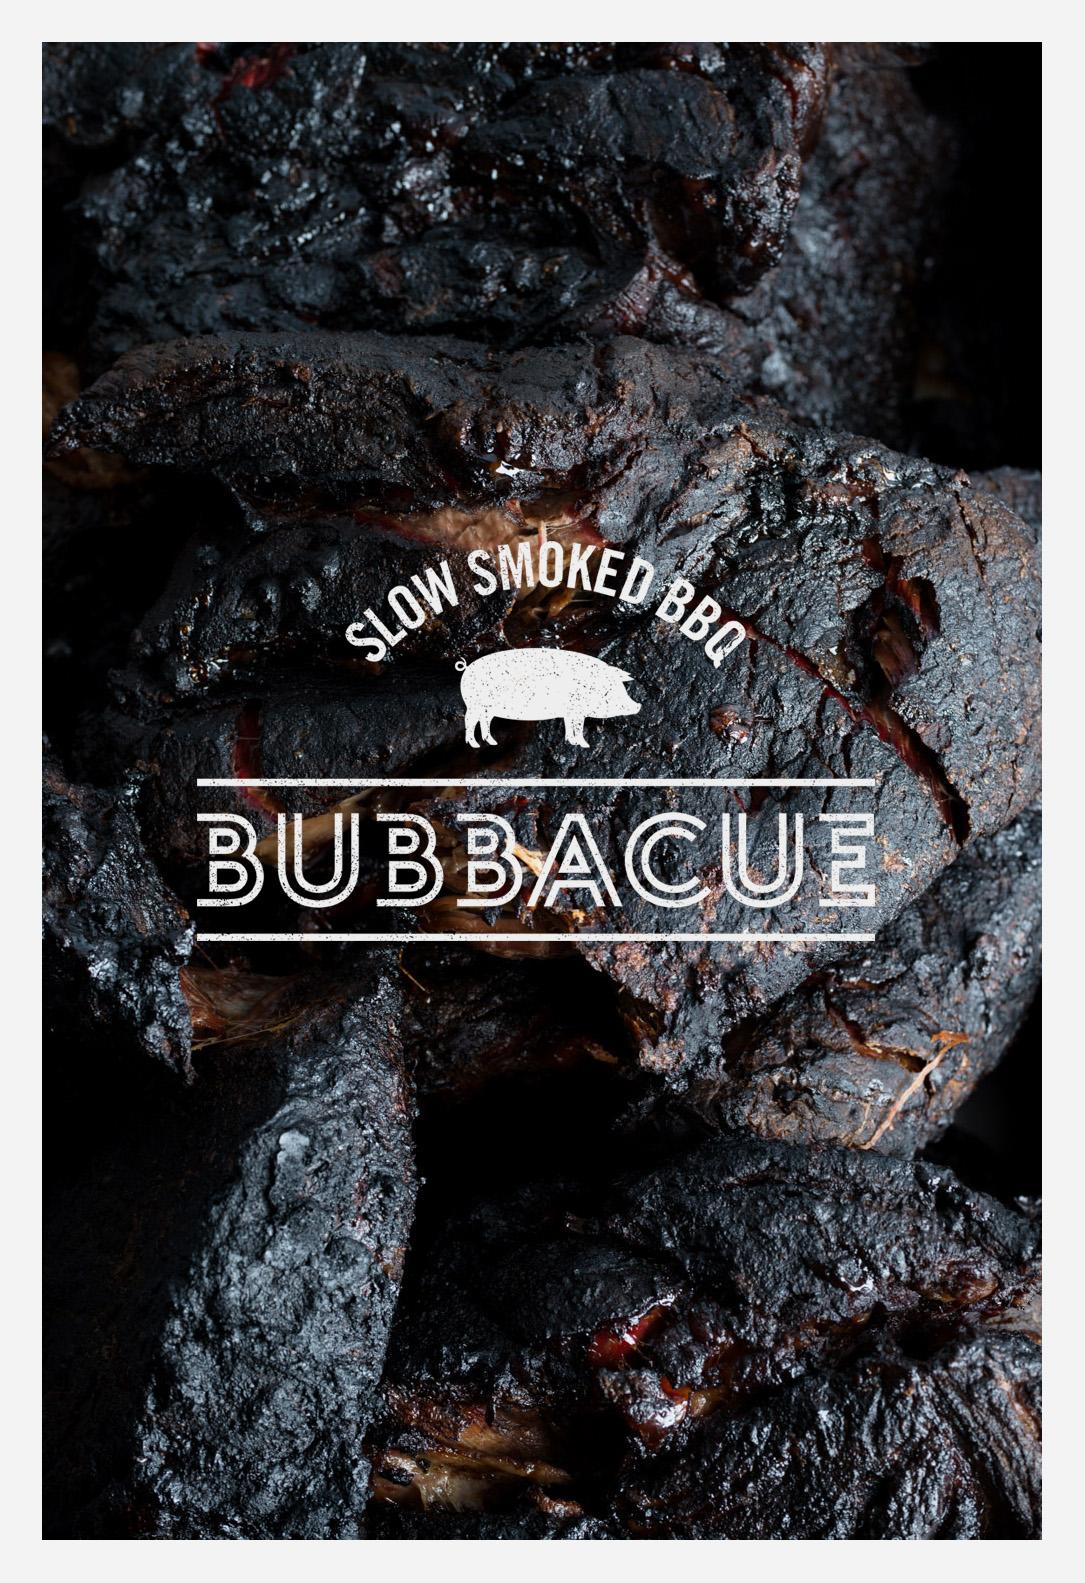 Client: Bubbacue